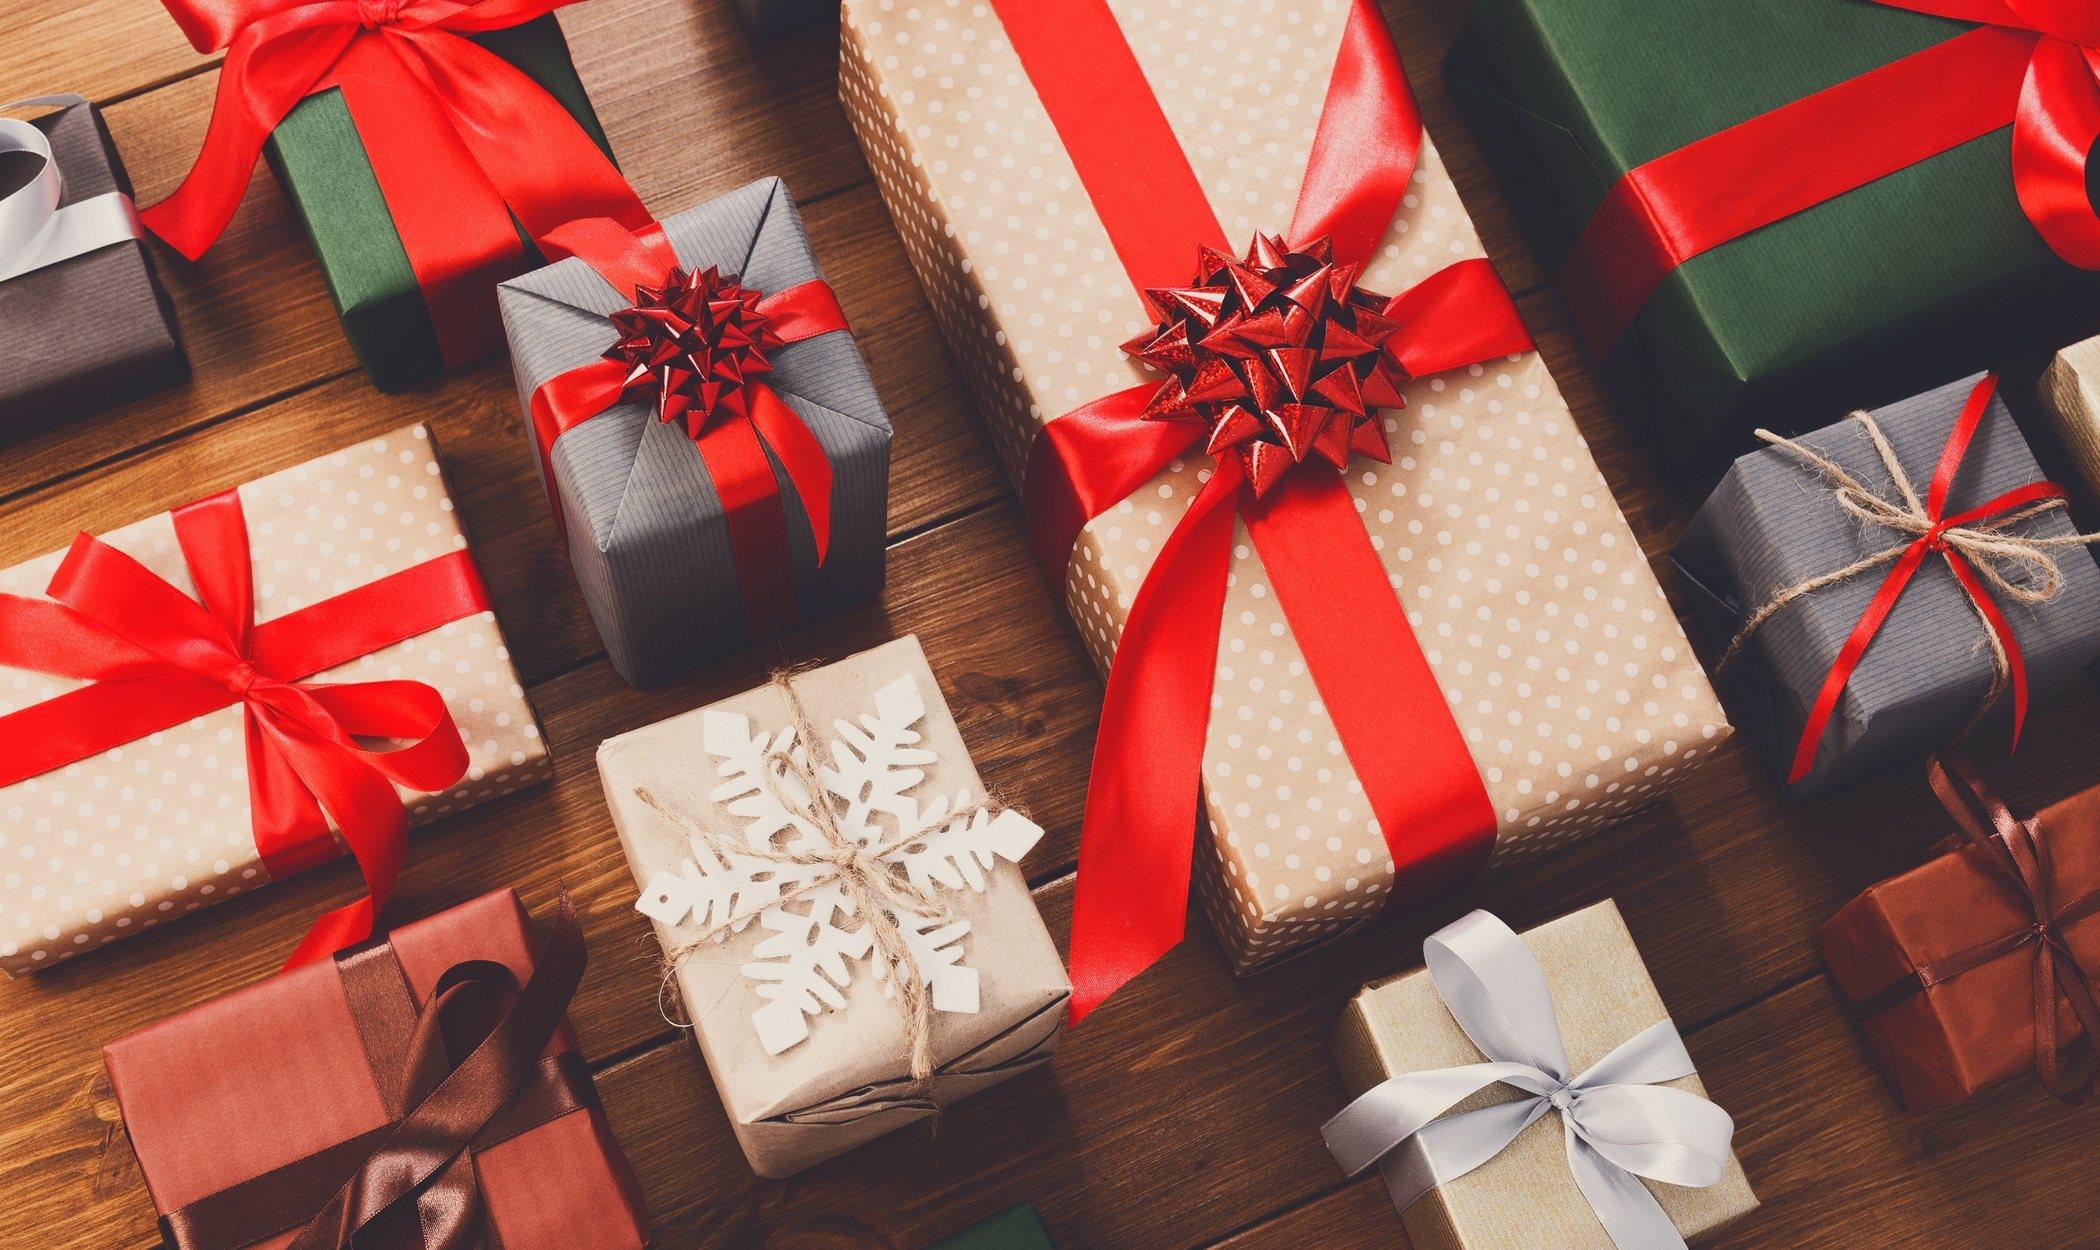 Cuántos regalos debe recibir un niño por Navidad